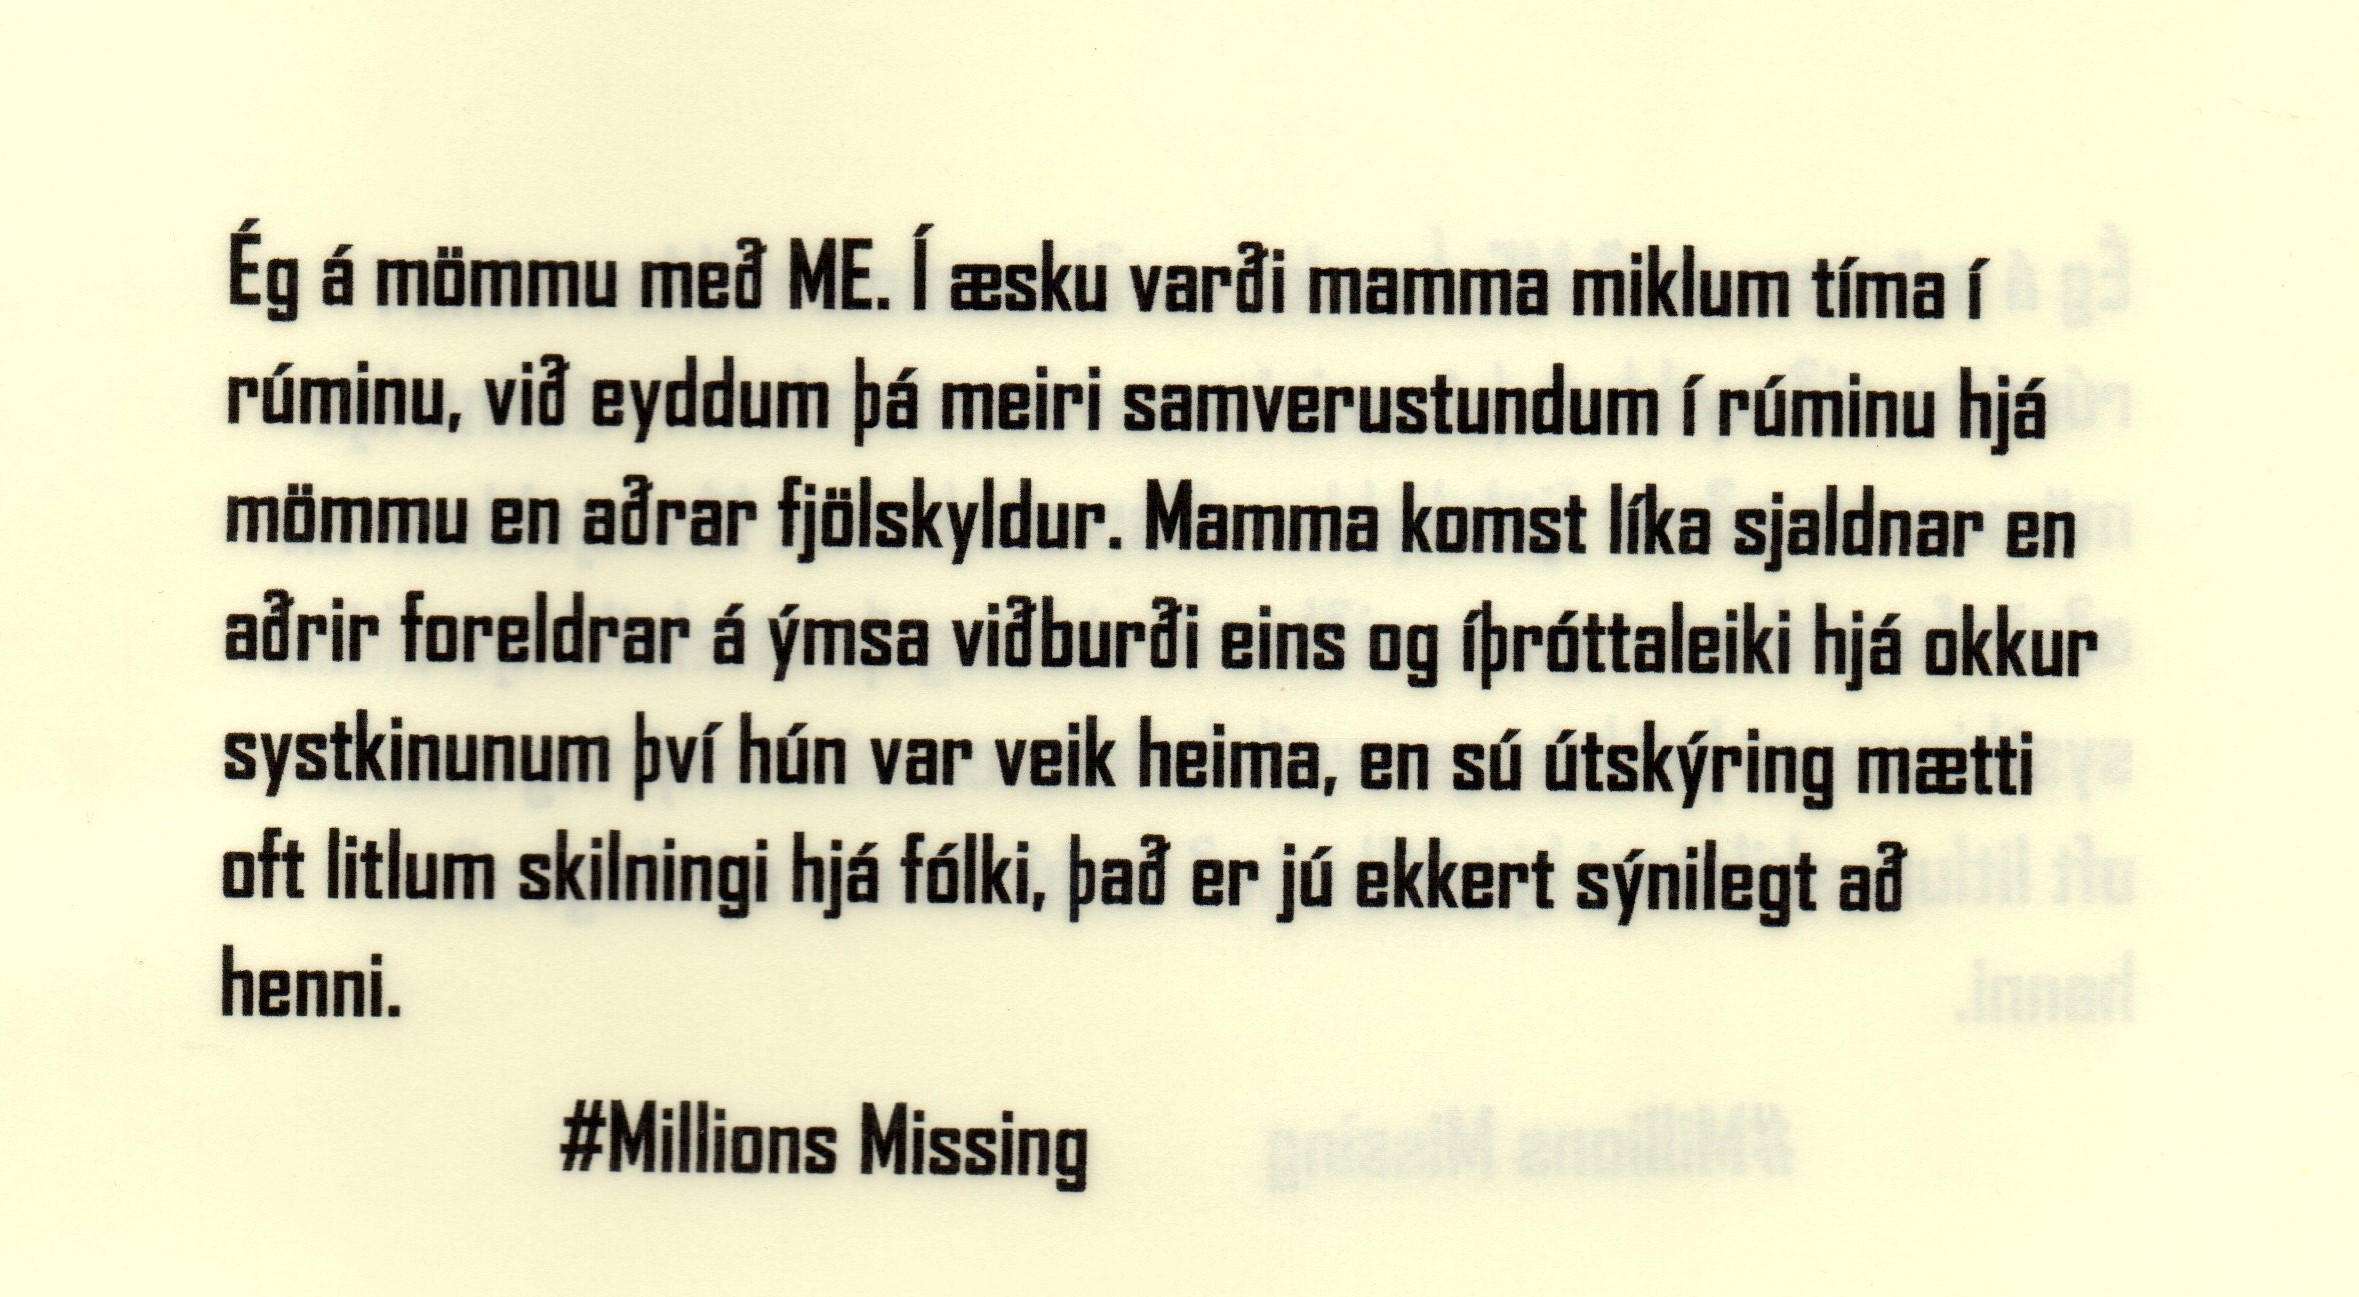 MM_mamma_mín_er_með_ME